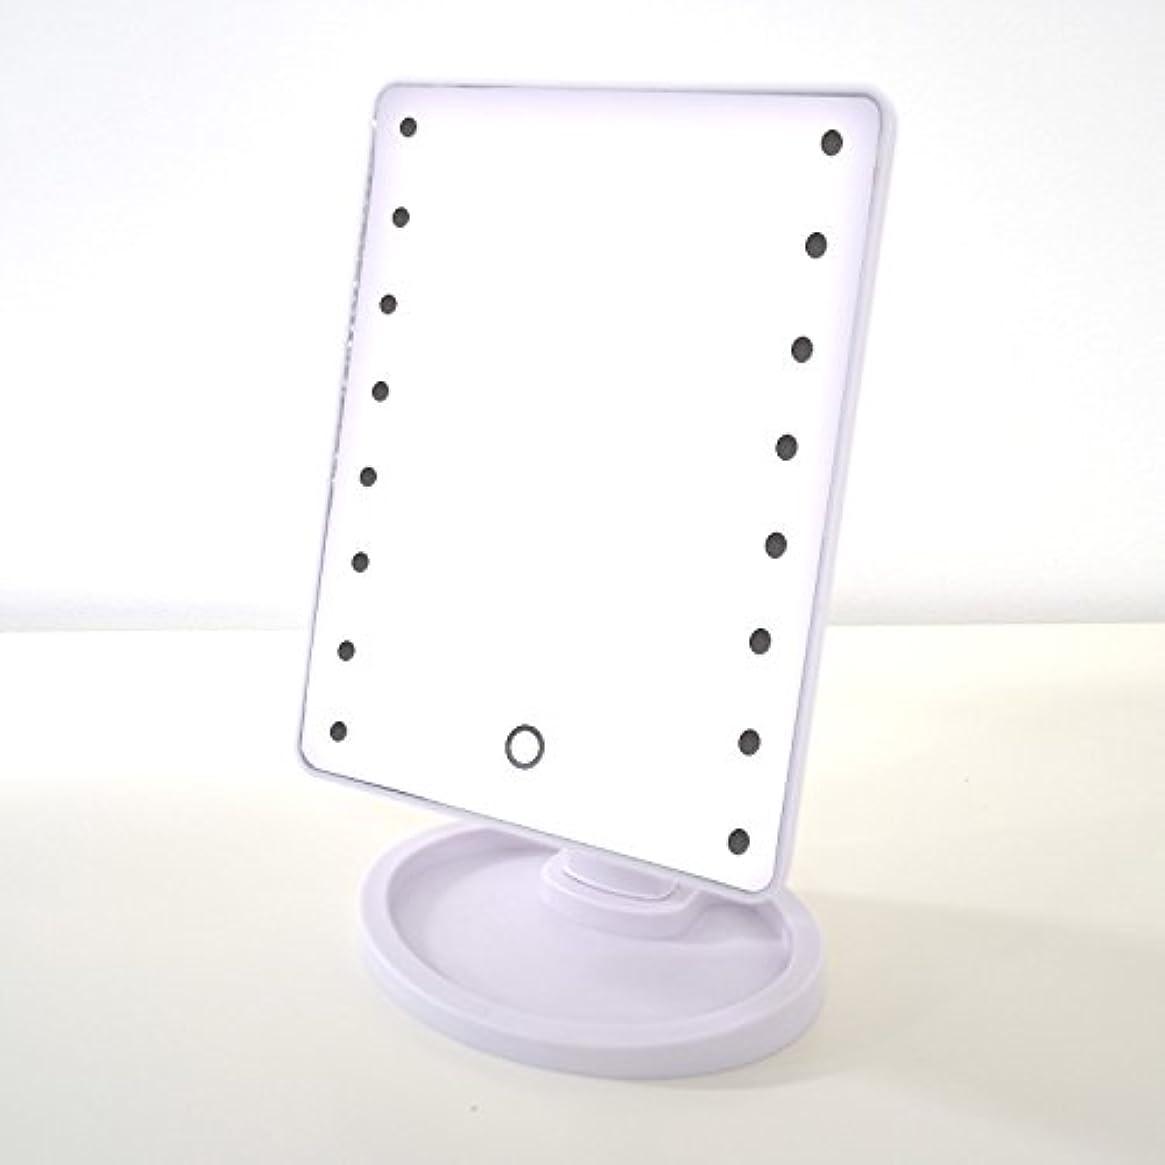 行為お手入れパッチLED化粧鏡 ランプ付き スタンドミラー プリンセスミラー LEDライト付きミラー 化粧ミラー 白 ホワイト